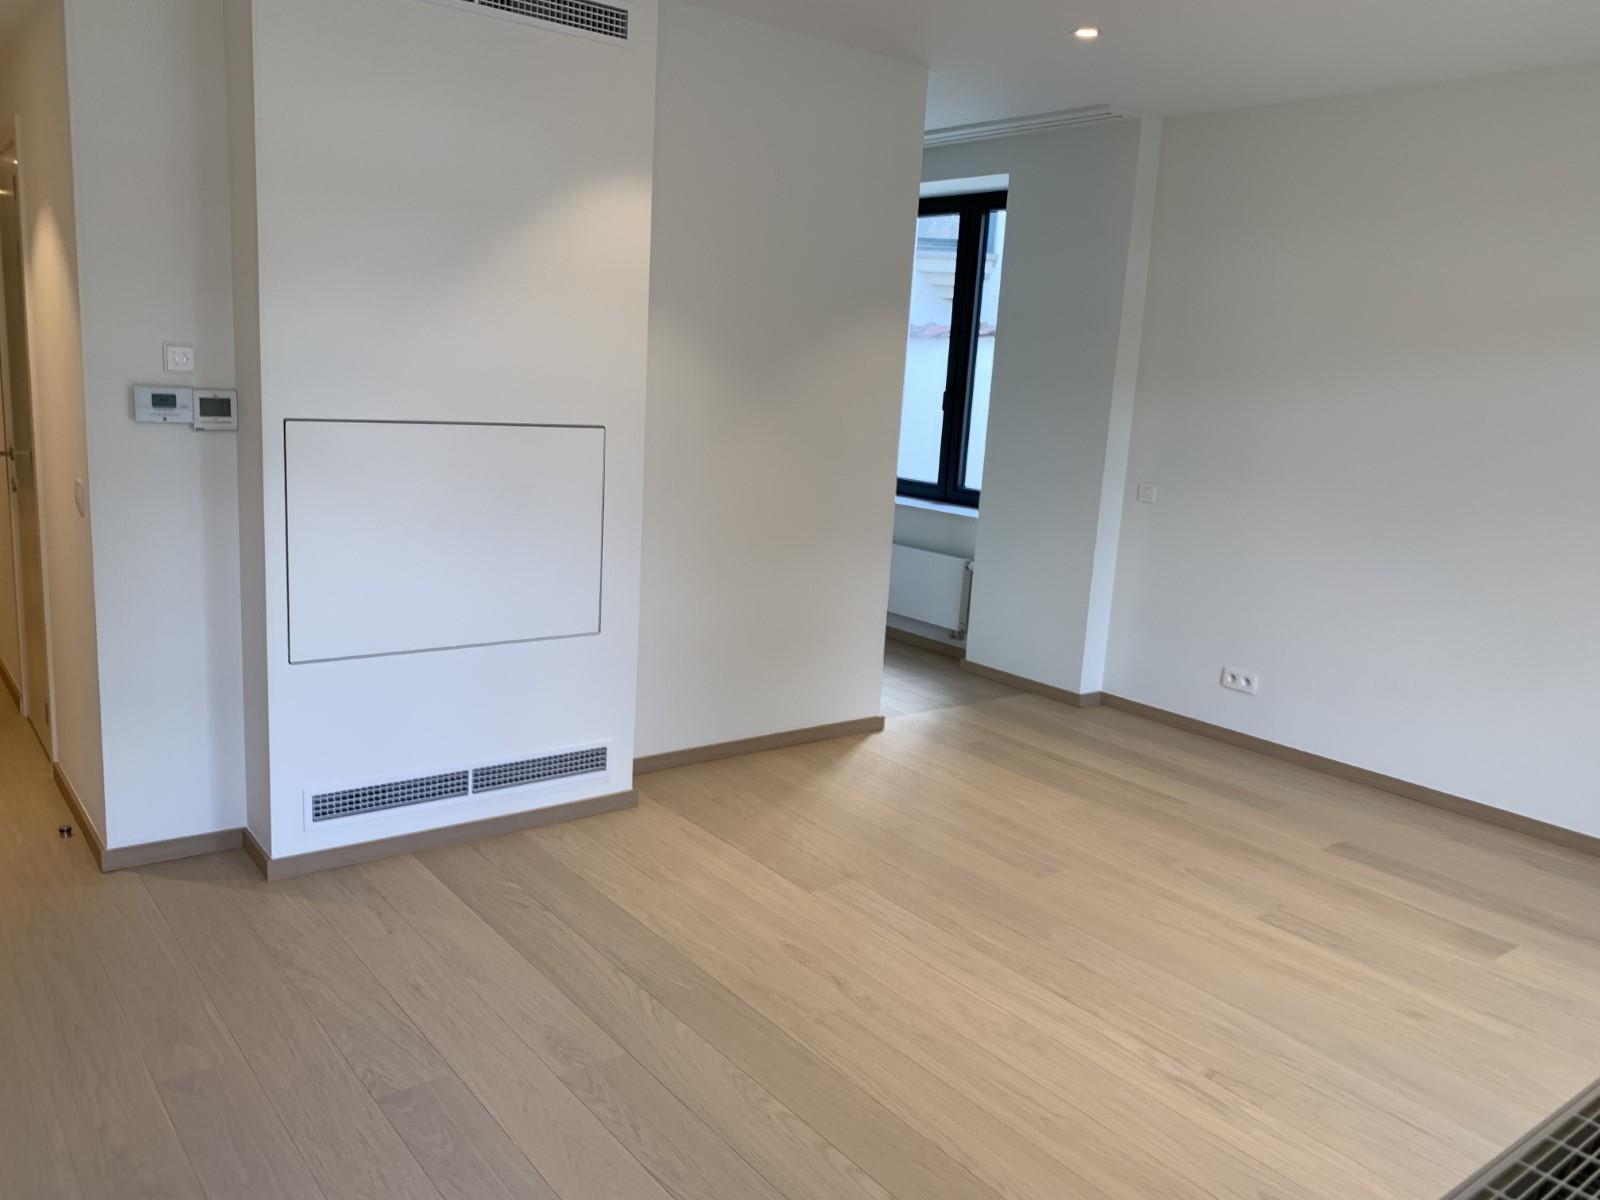 Appartement exceptionnel - Ixelles - #3929627-3